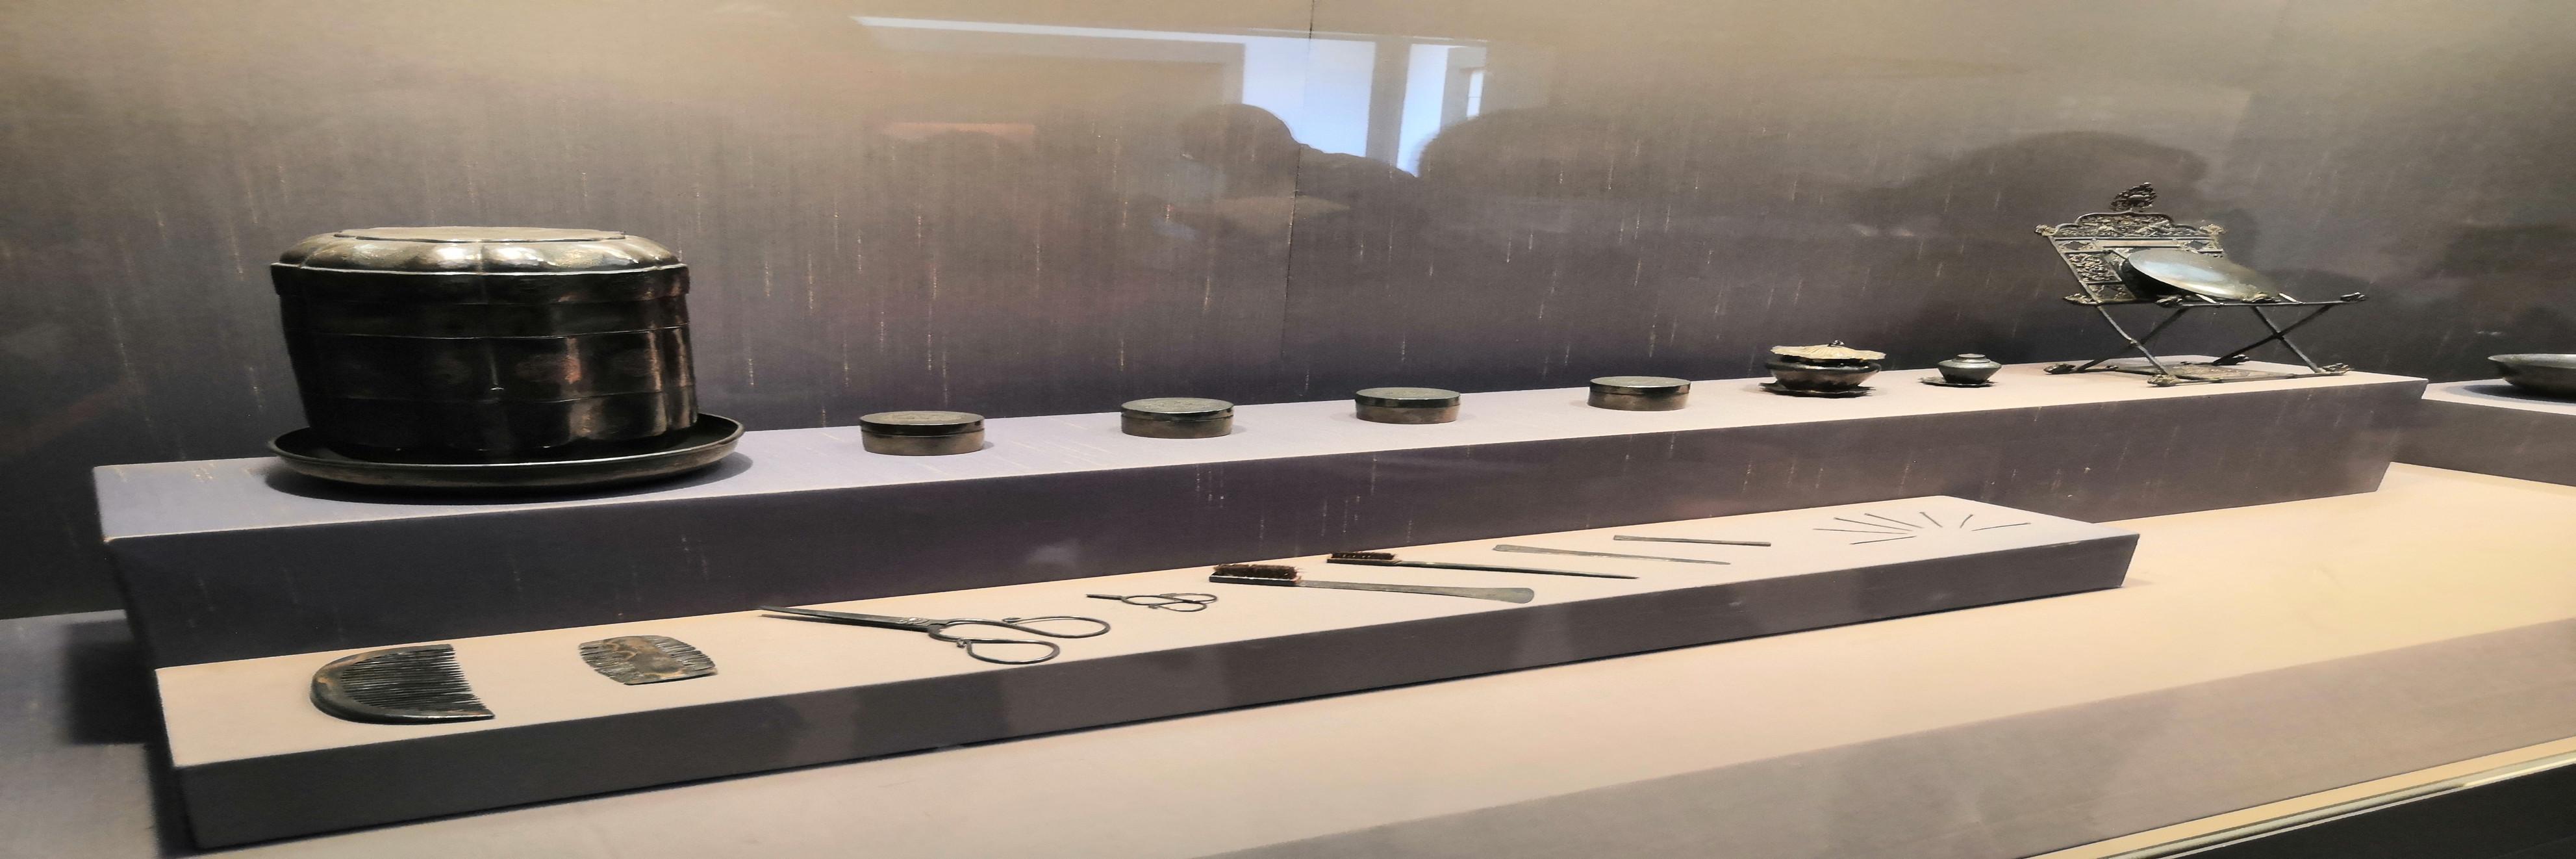 【陕西是我家】重游建筑大师杰作苏州博物馆之都会流韵的出土文物